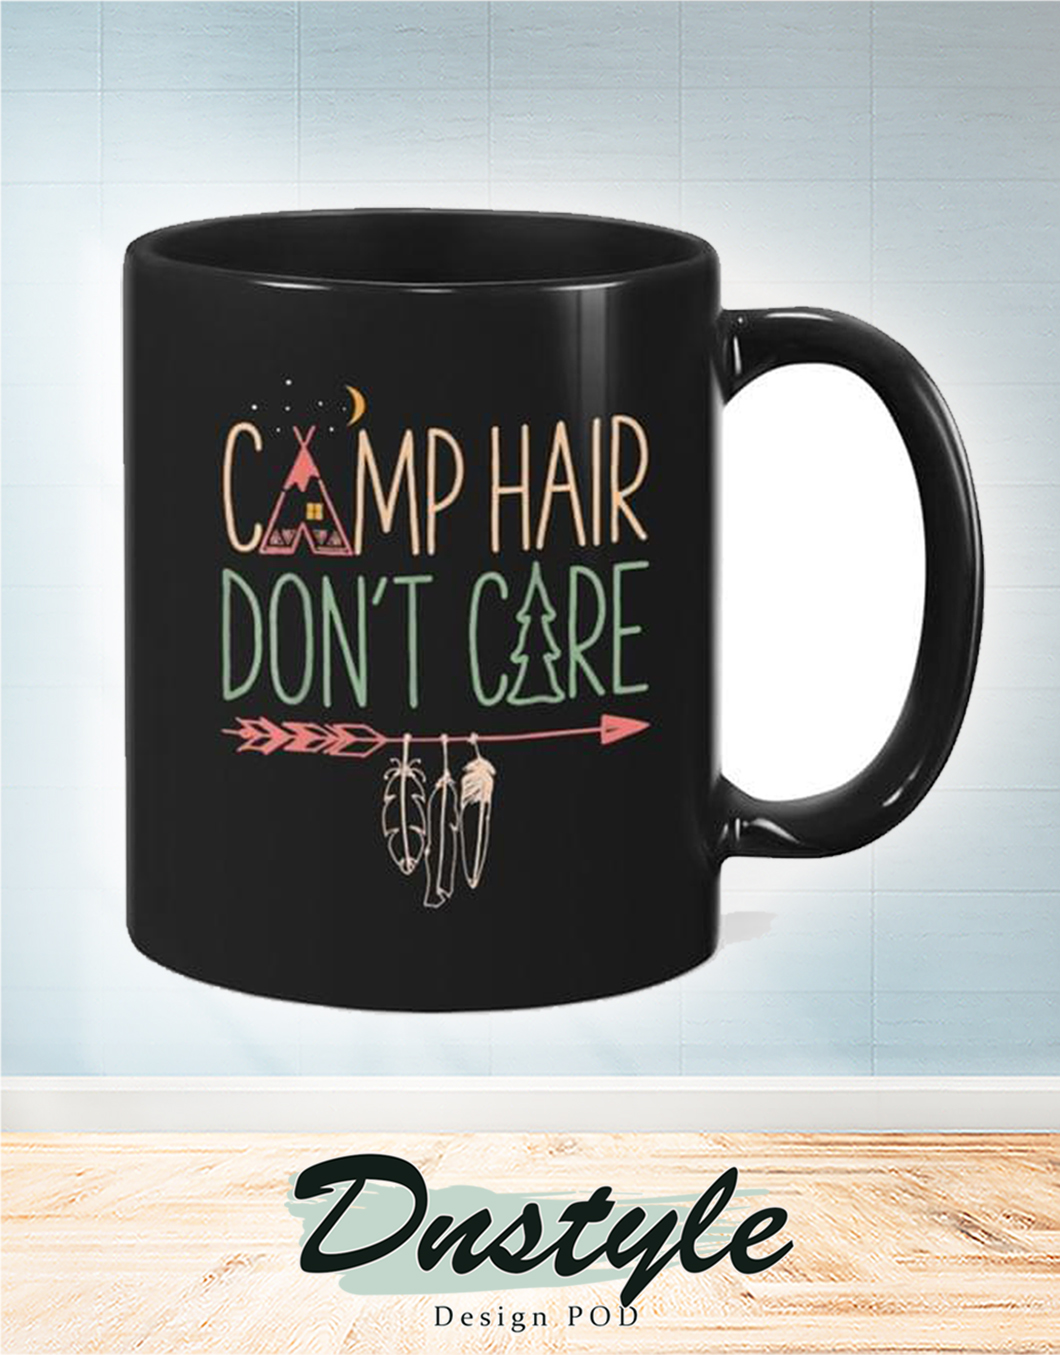 Camp hair don't care mug 2